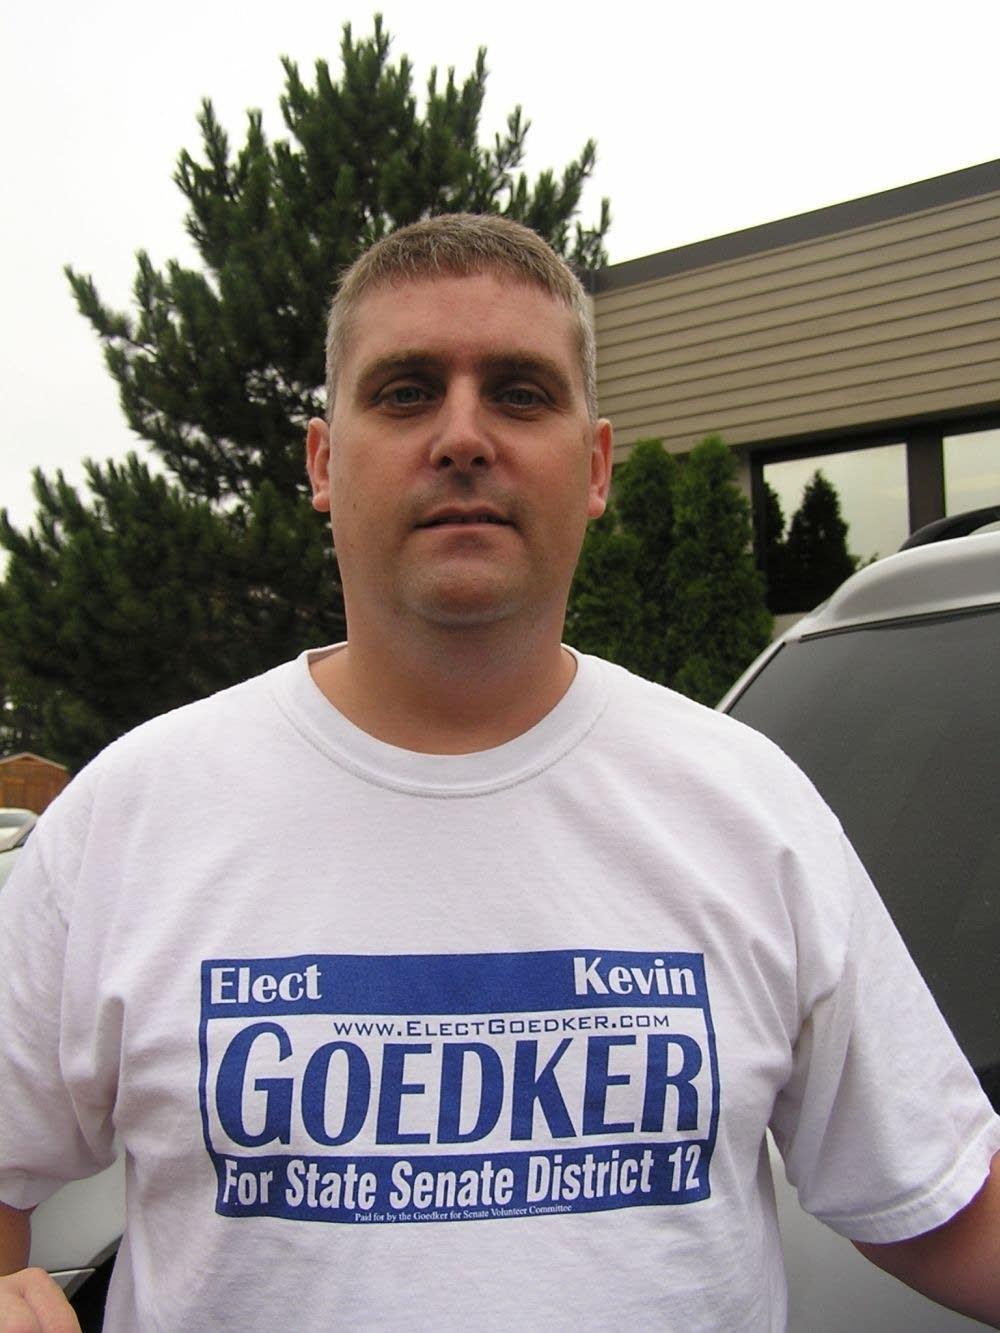 Kevin Goedker